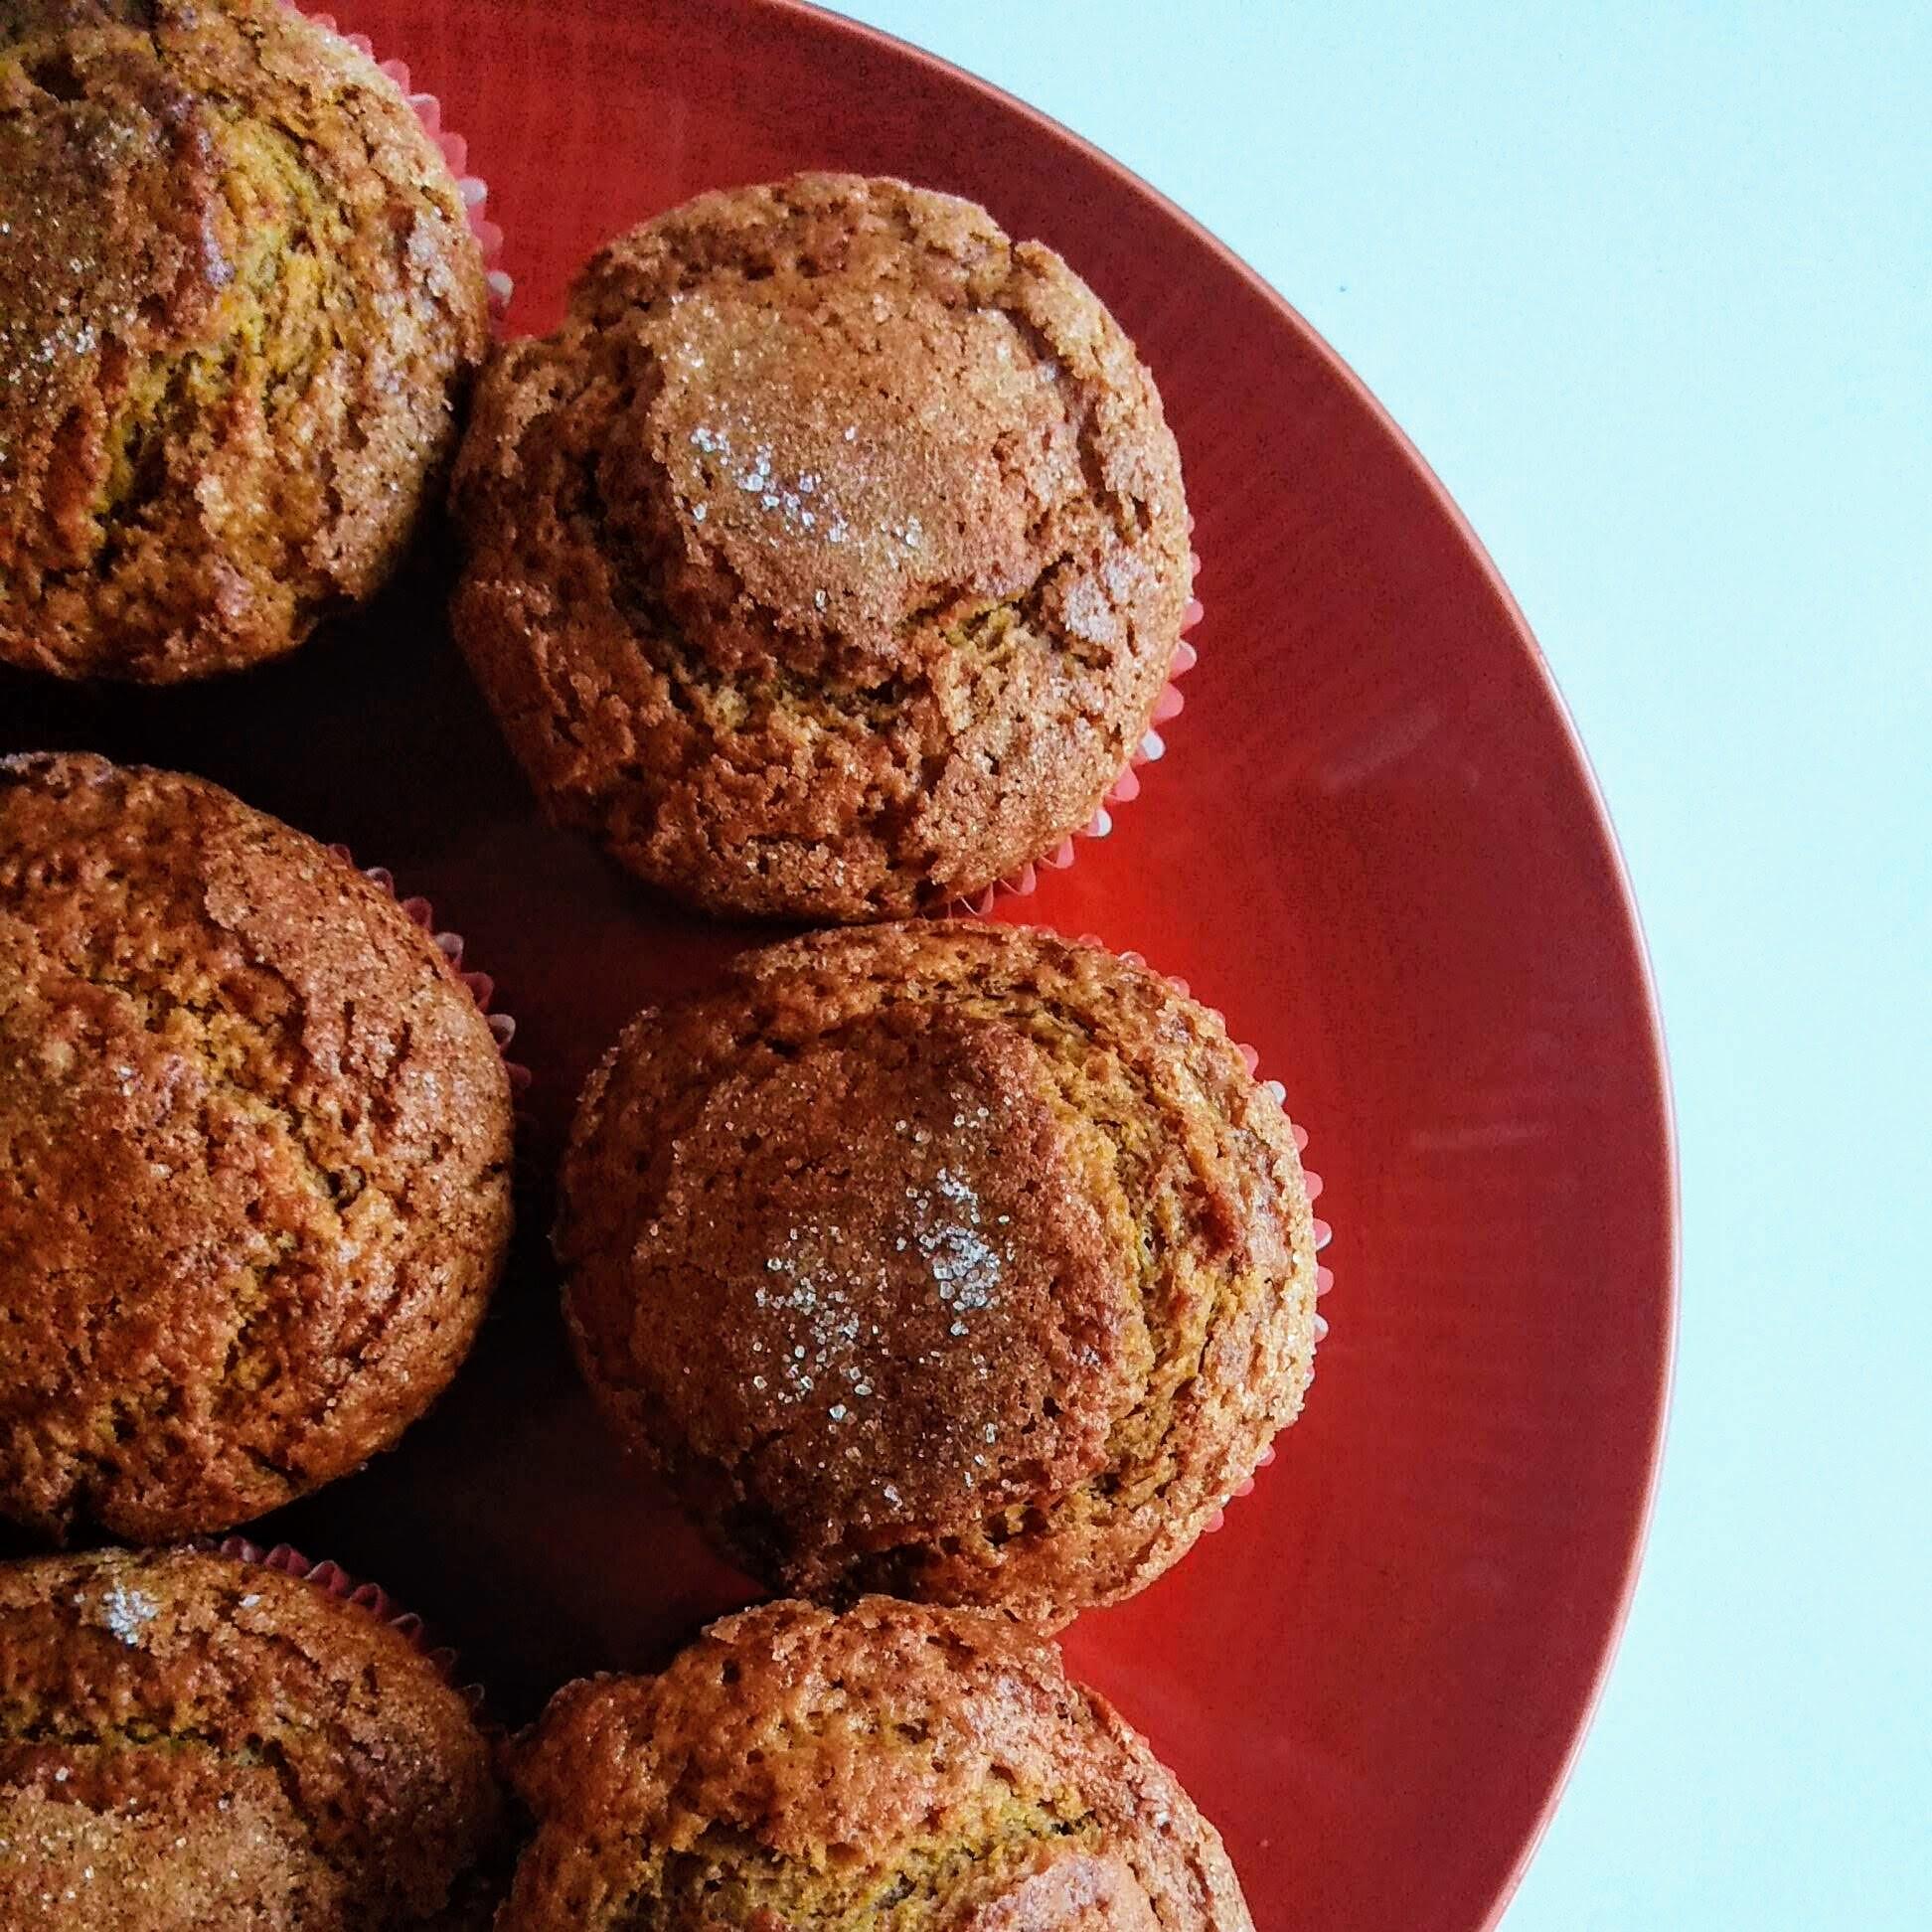 Receta fácil de Magdalenas de nata y galleta. Descúbrela en: www.cocinandoconlola.com